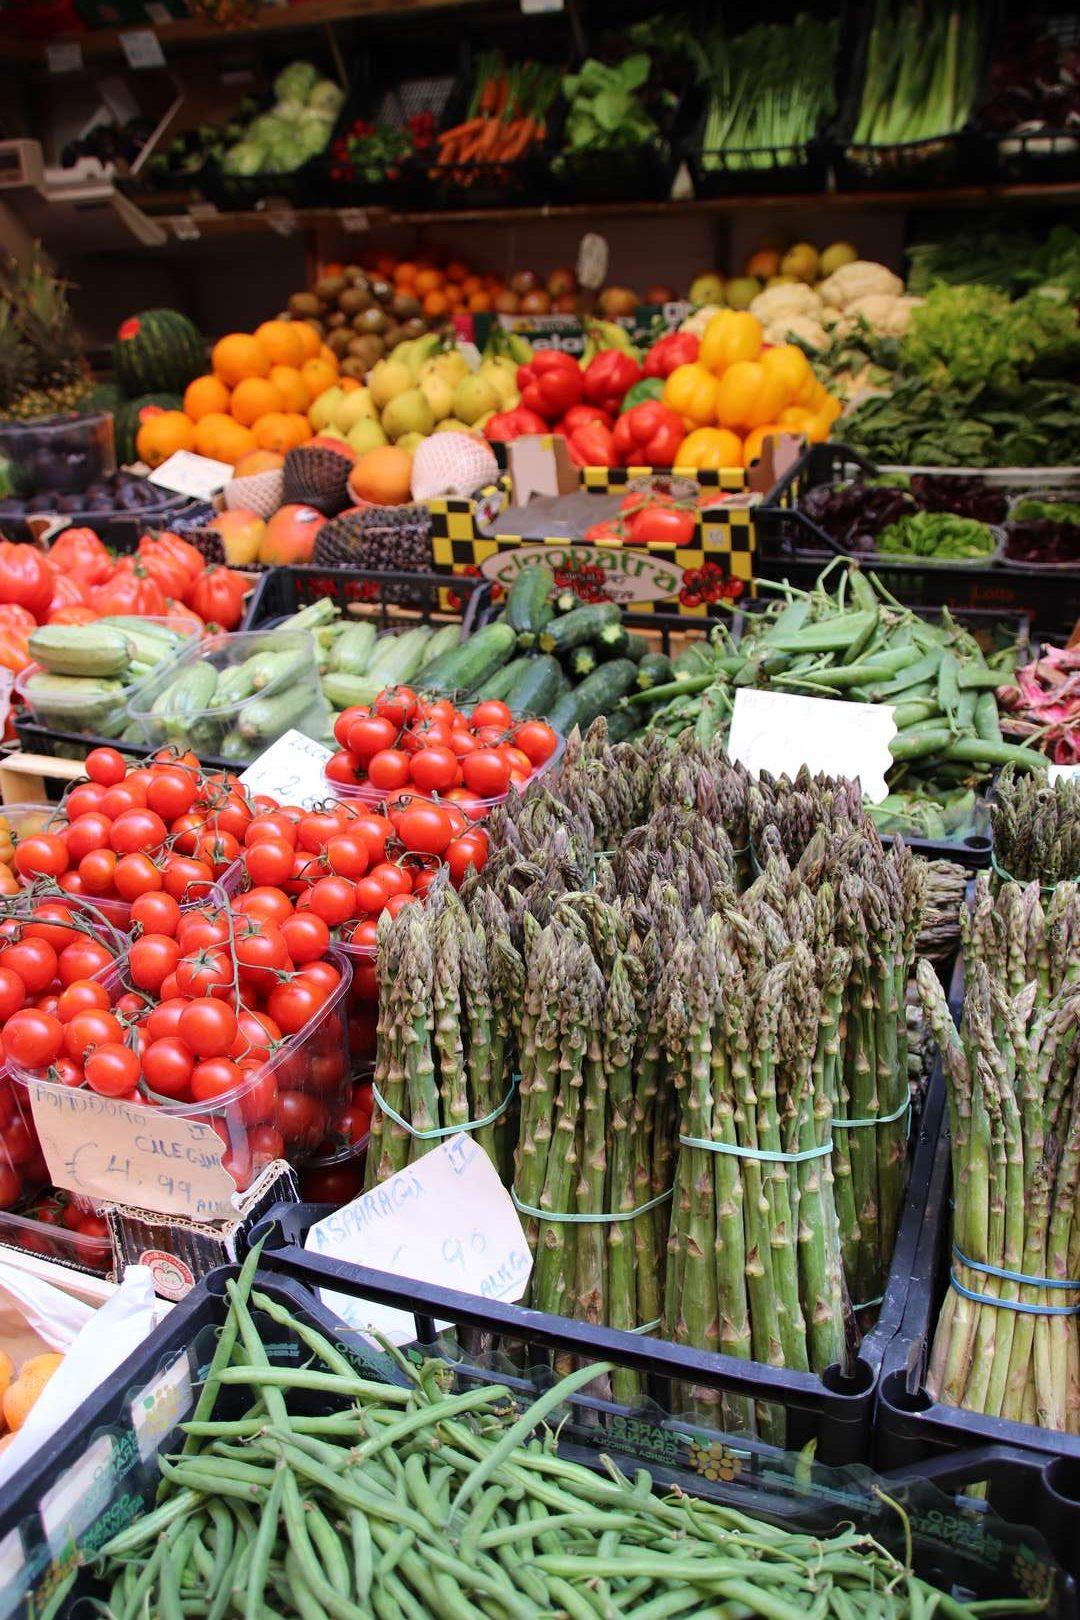 Italie - Ambiance de marché à Bologne, vendeur de légumes